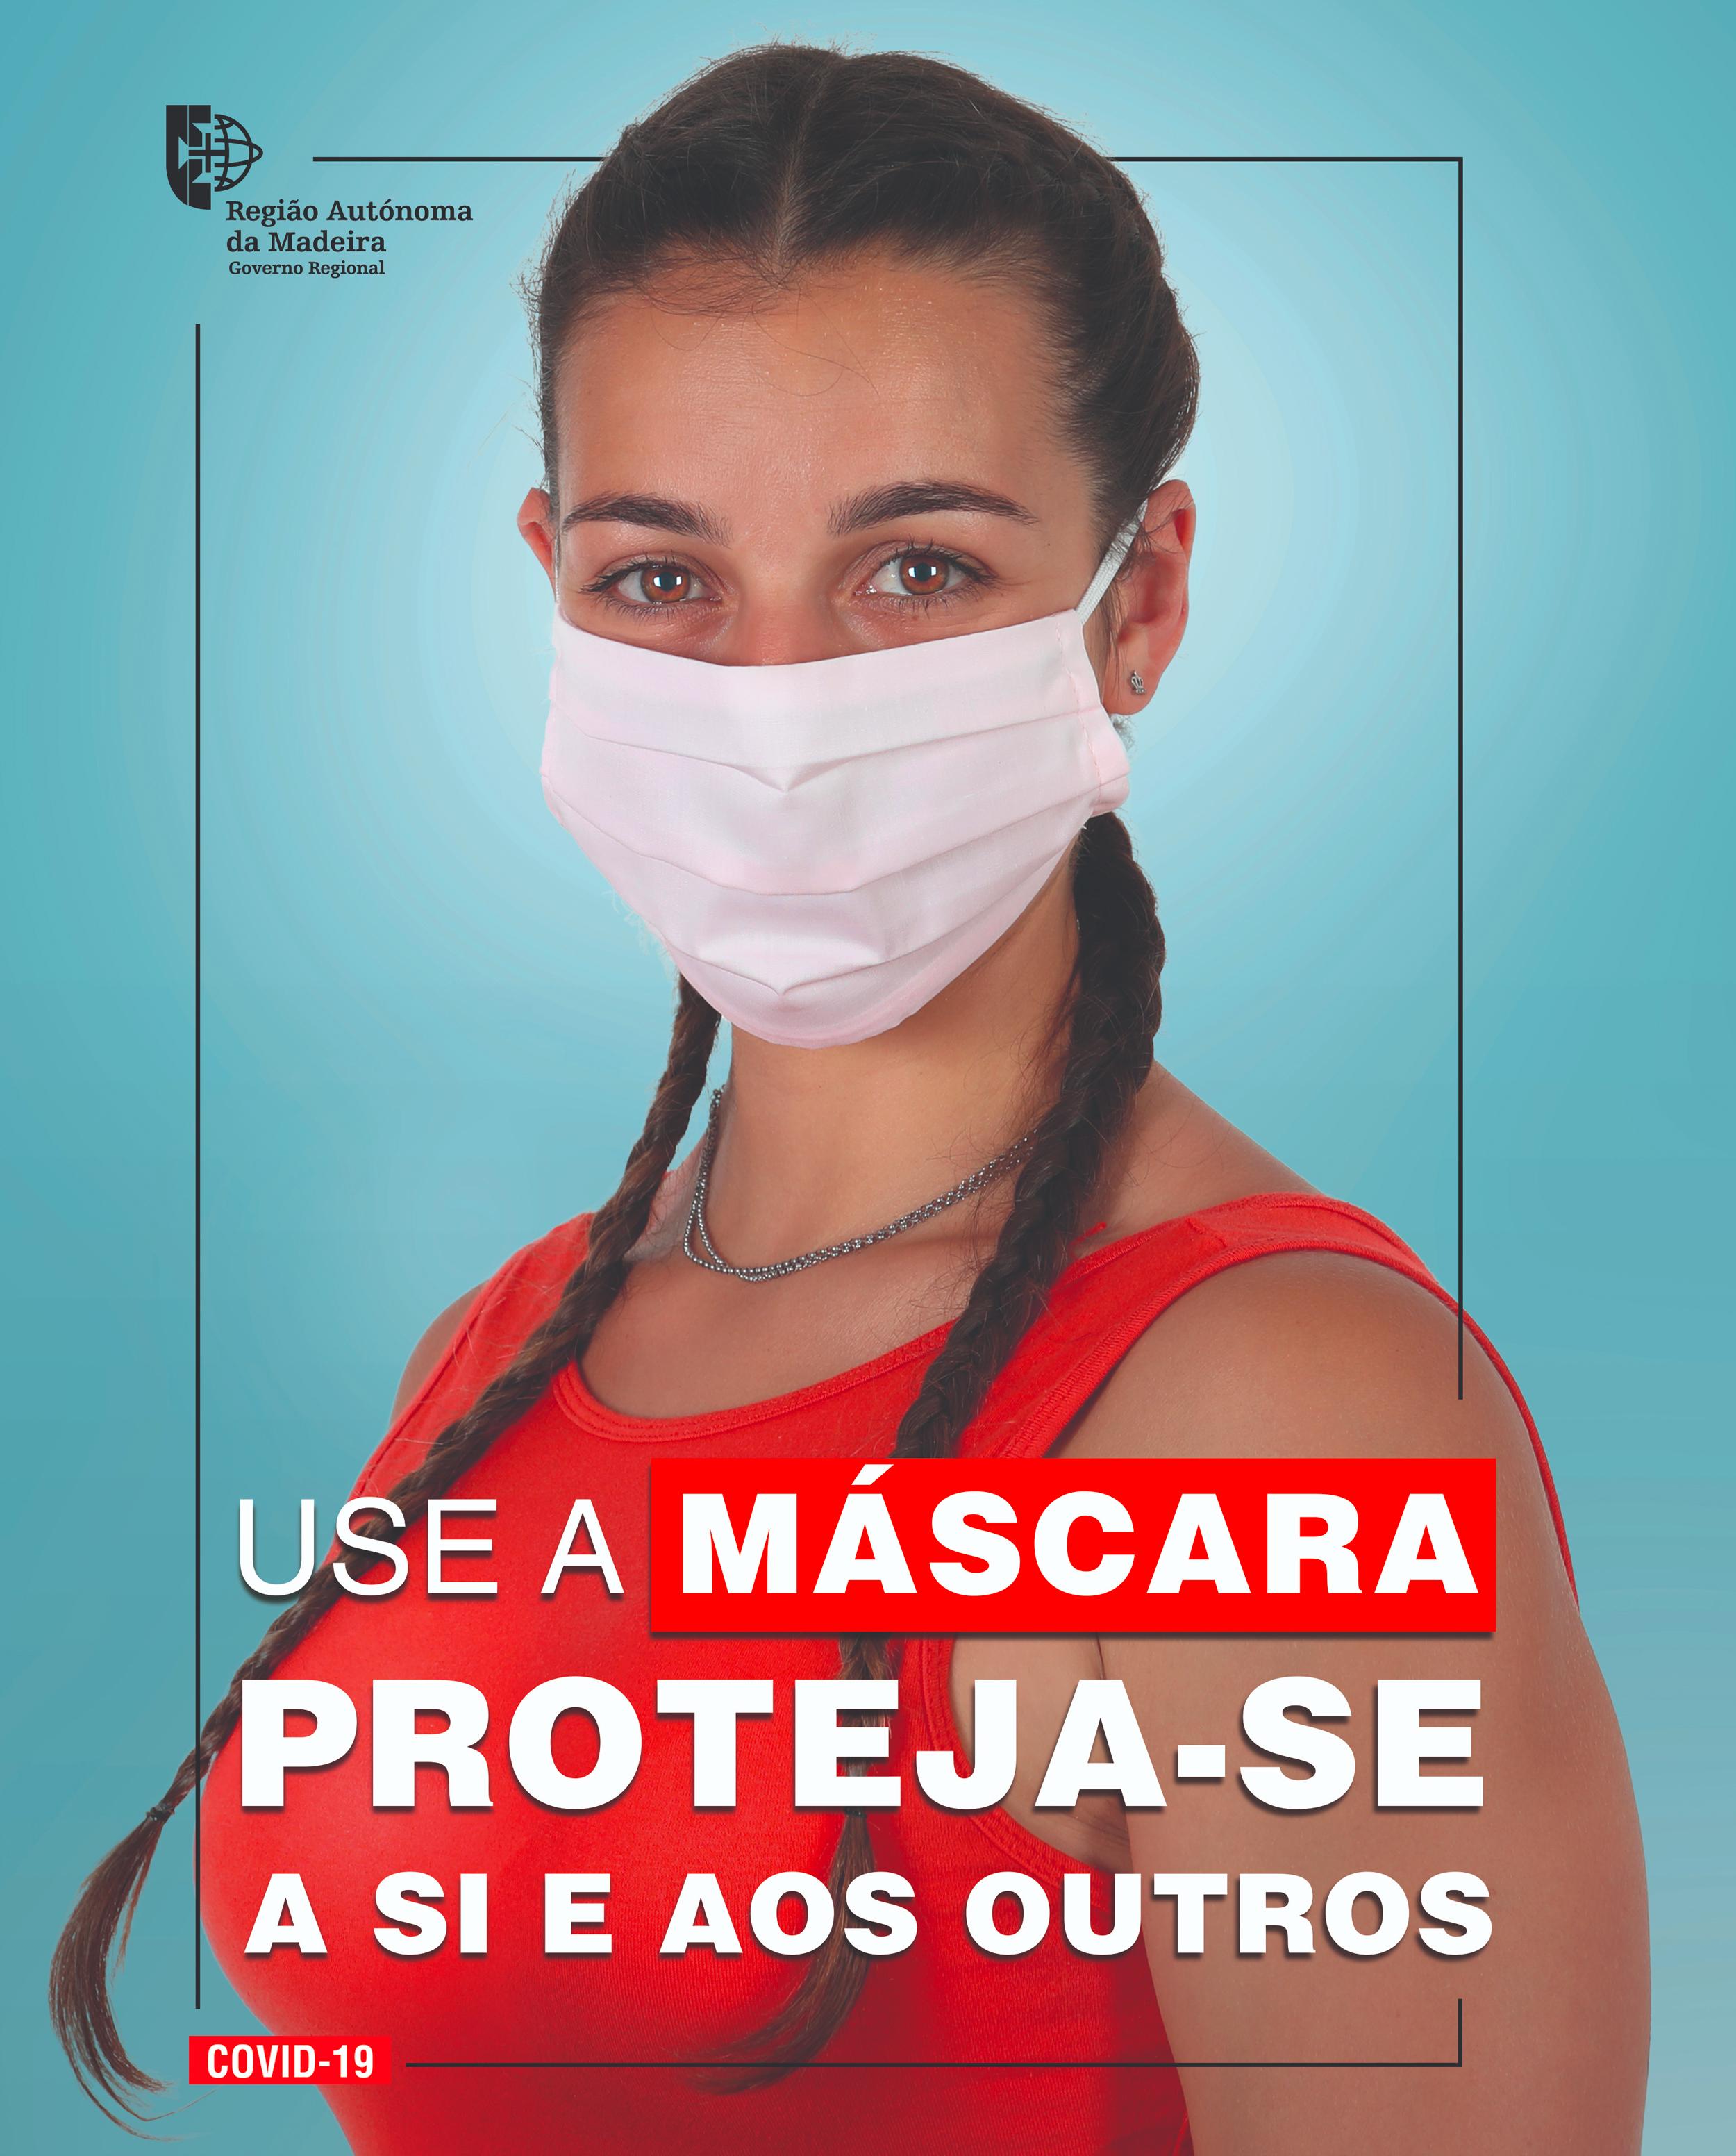 Use a máscara